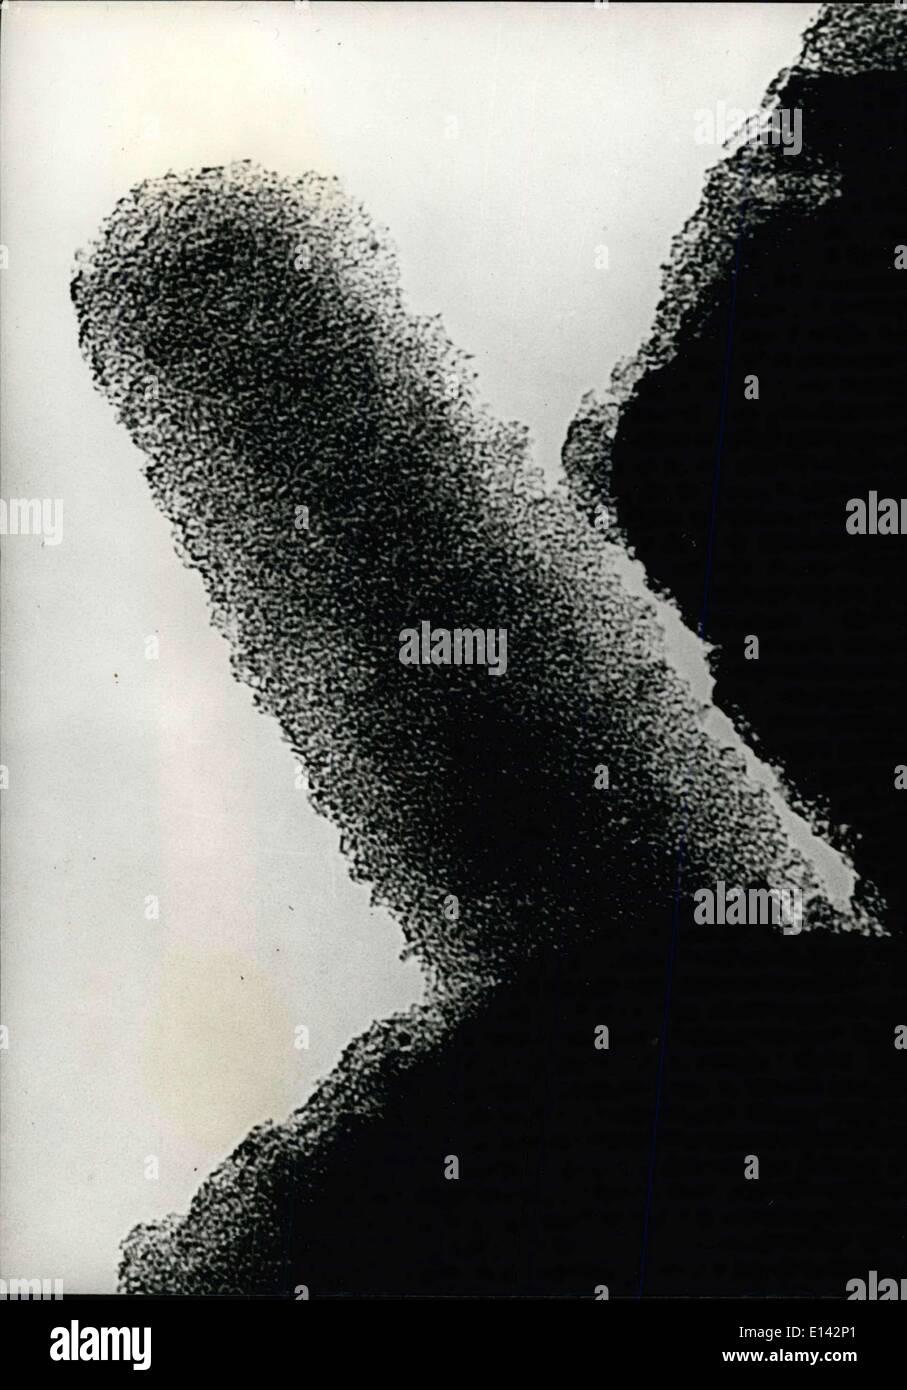 4. April 2012 - aussehen Aktivkohle Teilchen vergrößert 1.000.000 Mal durch das Elektronenmikroskop. Stockbild